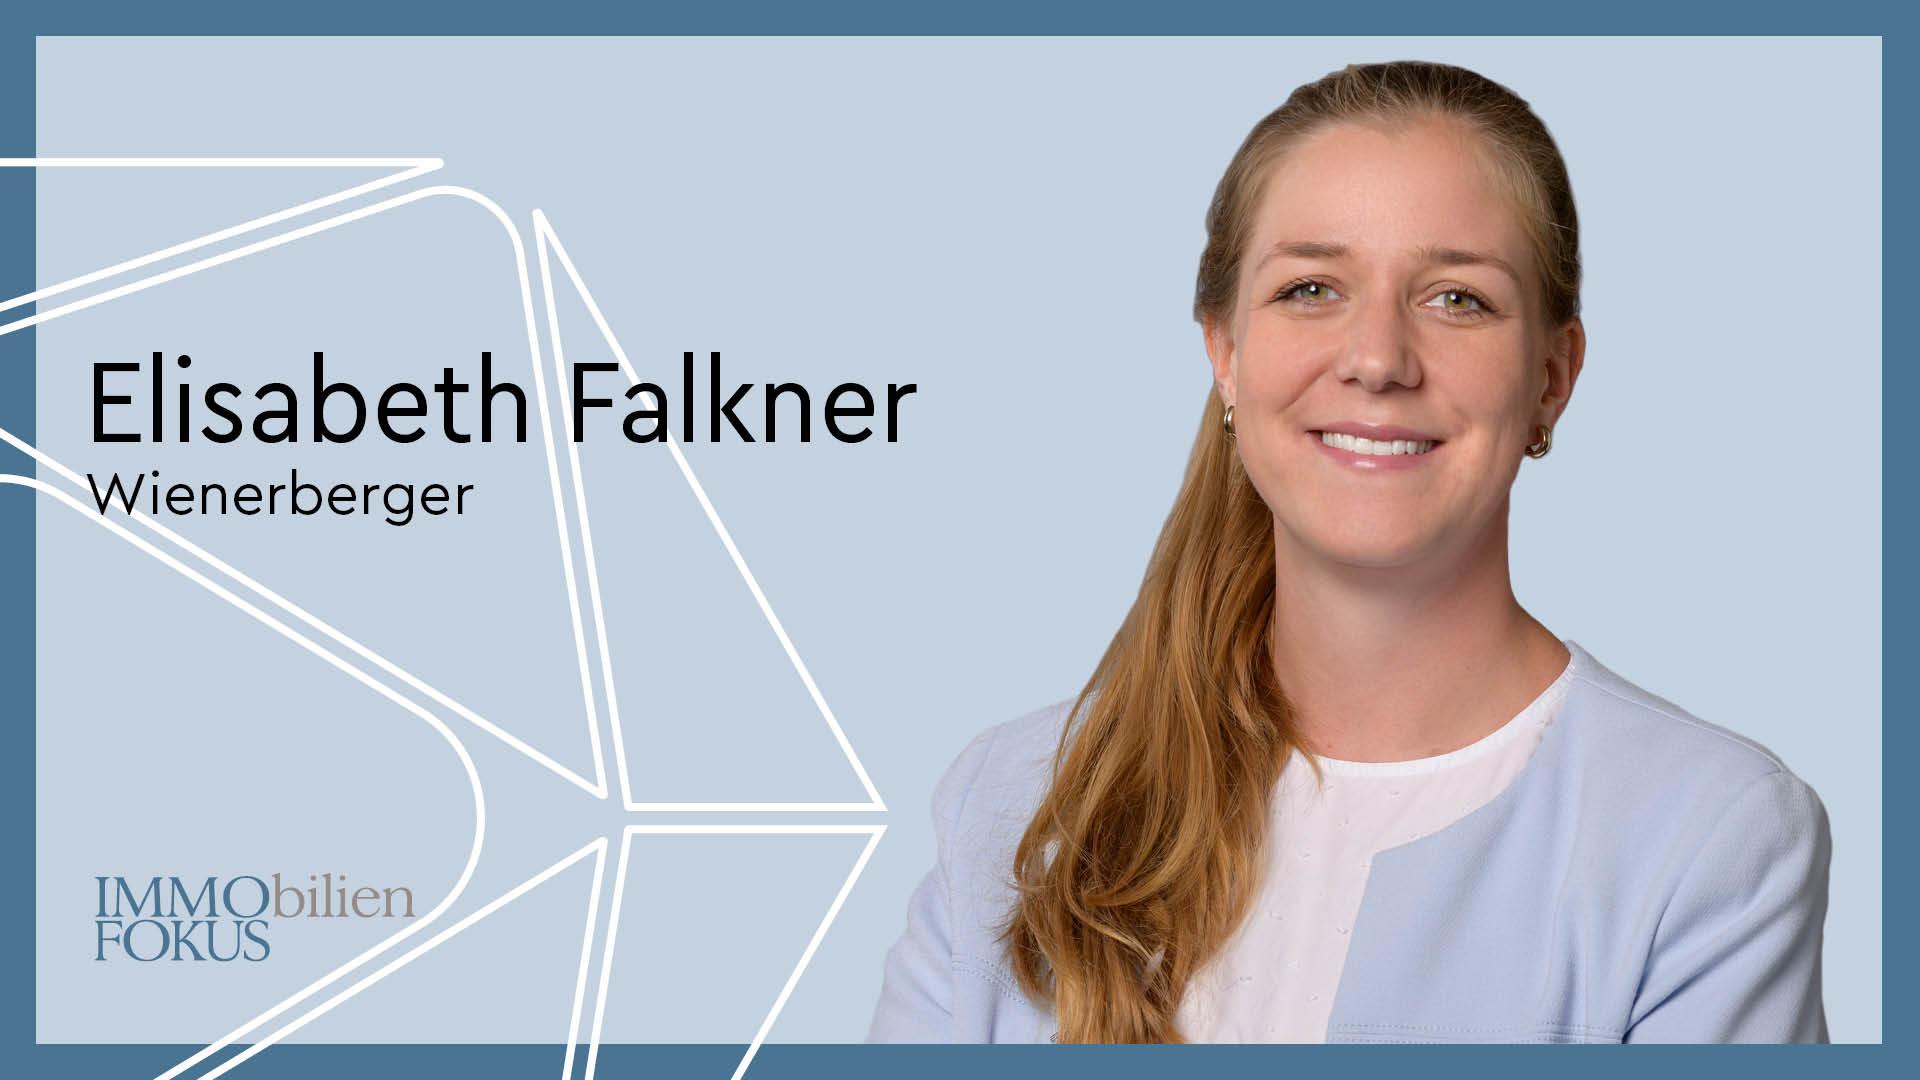 Elisabeth Falkner übernimmt Leitung Investor Relations